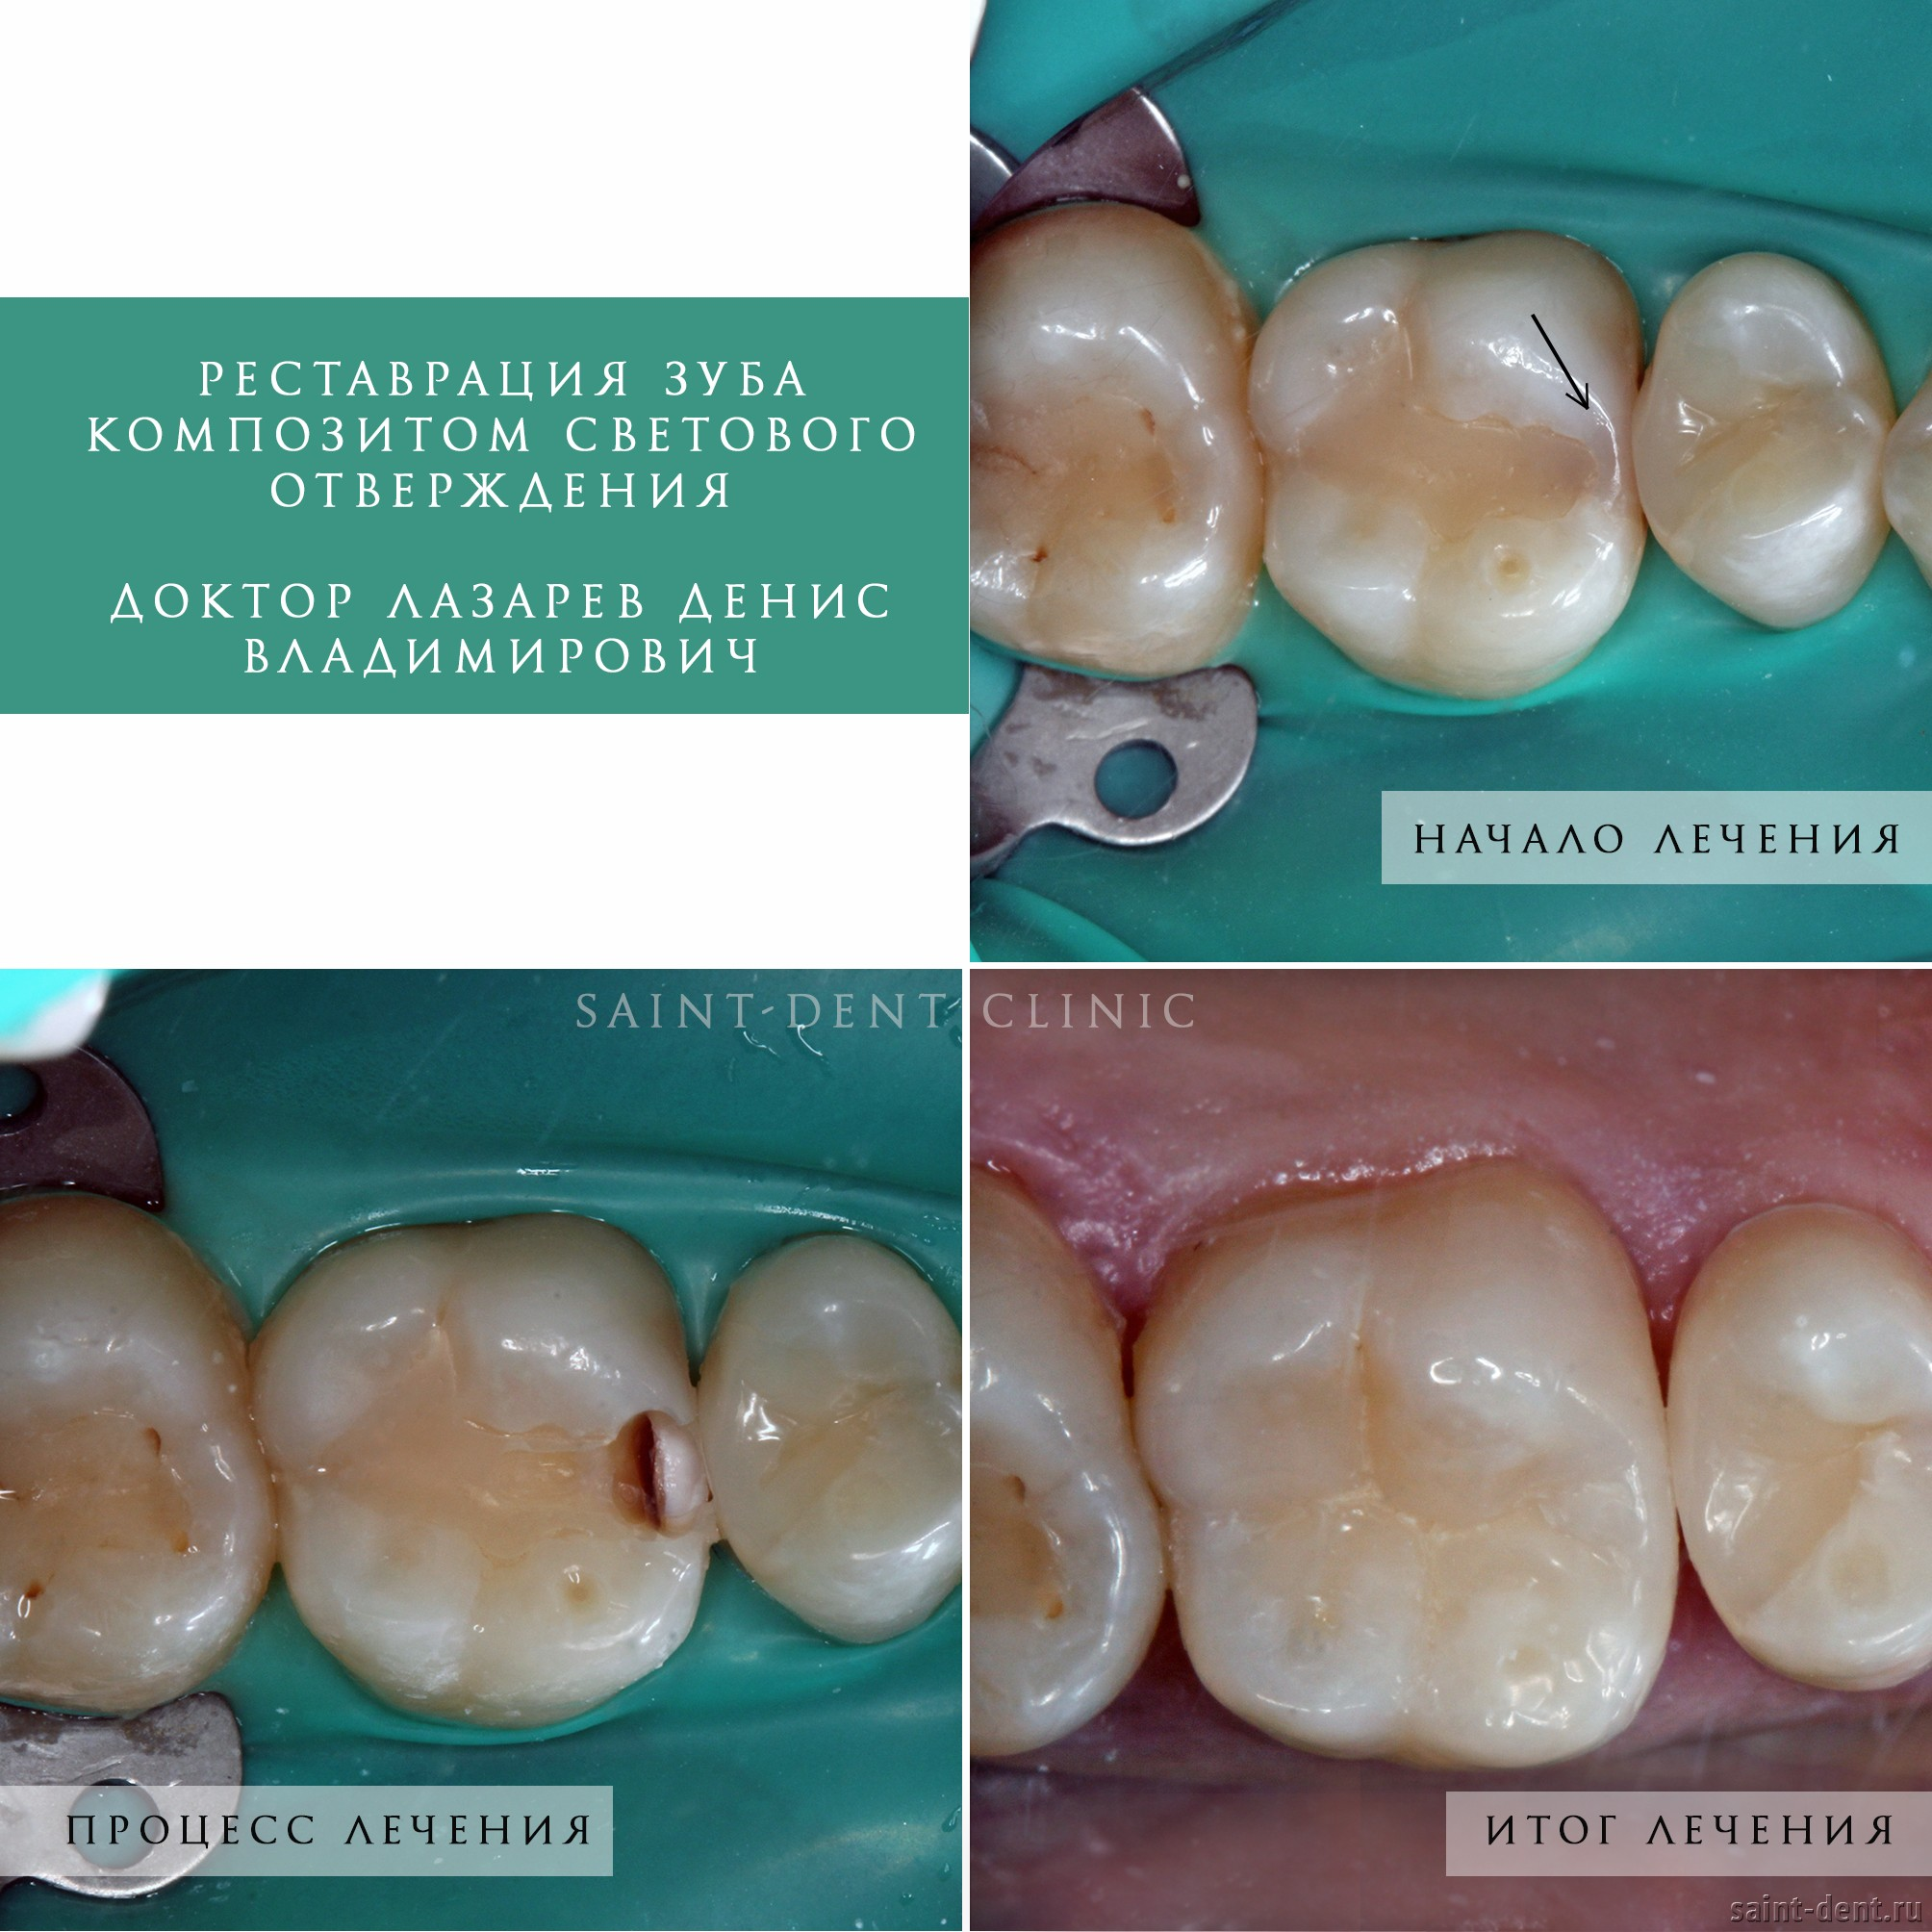 Реставрация зуба световым композитом это